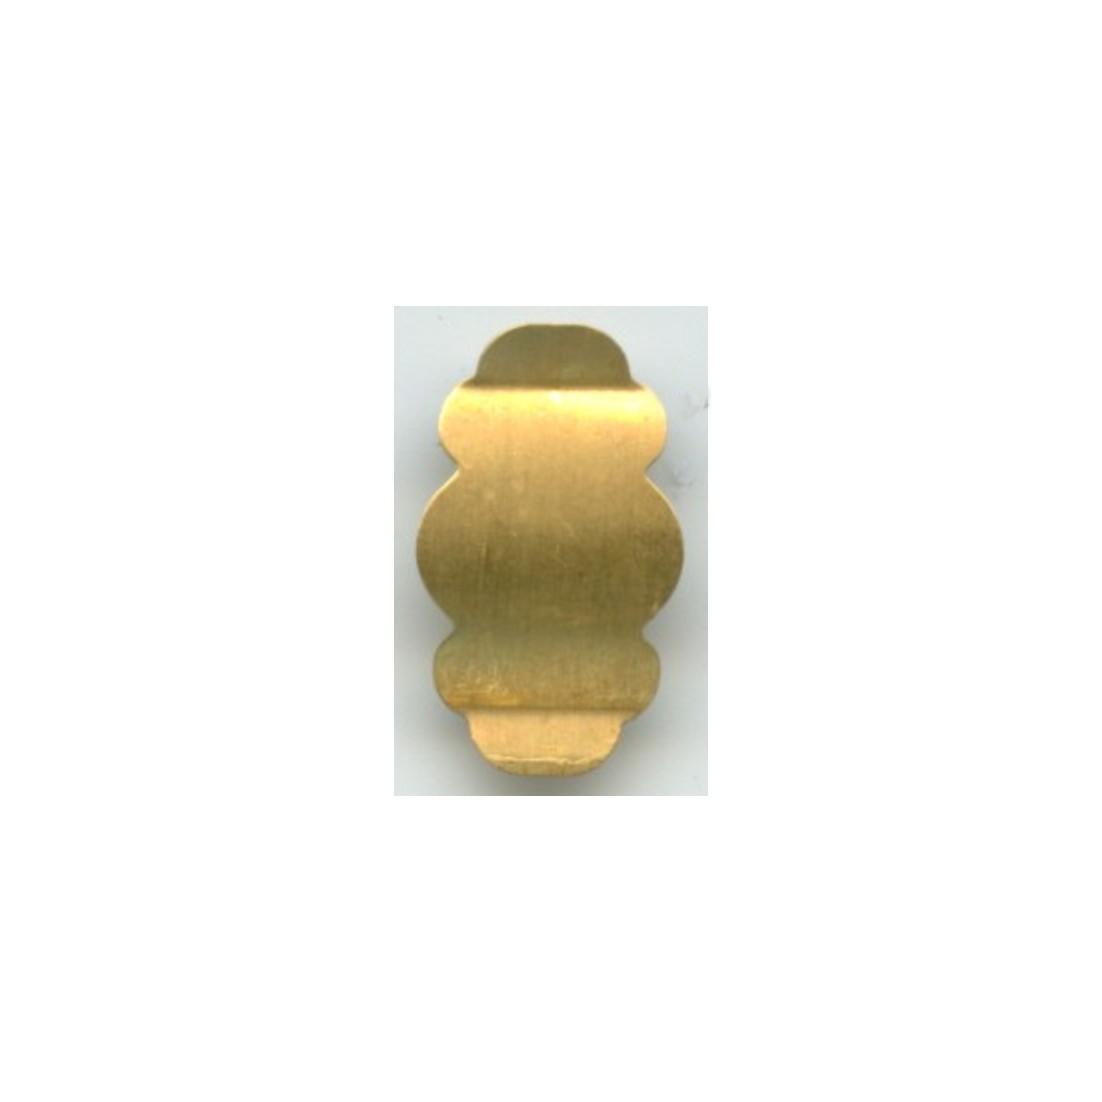 estampaciones para fornituras joyeria fabricante oro mayorista cordoba ref. 480025